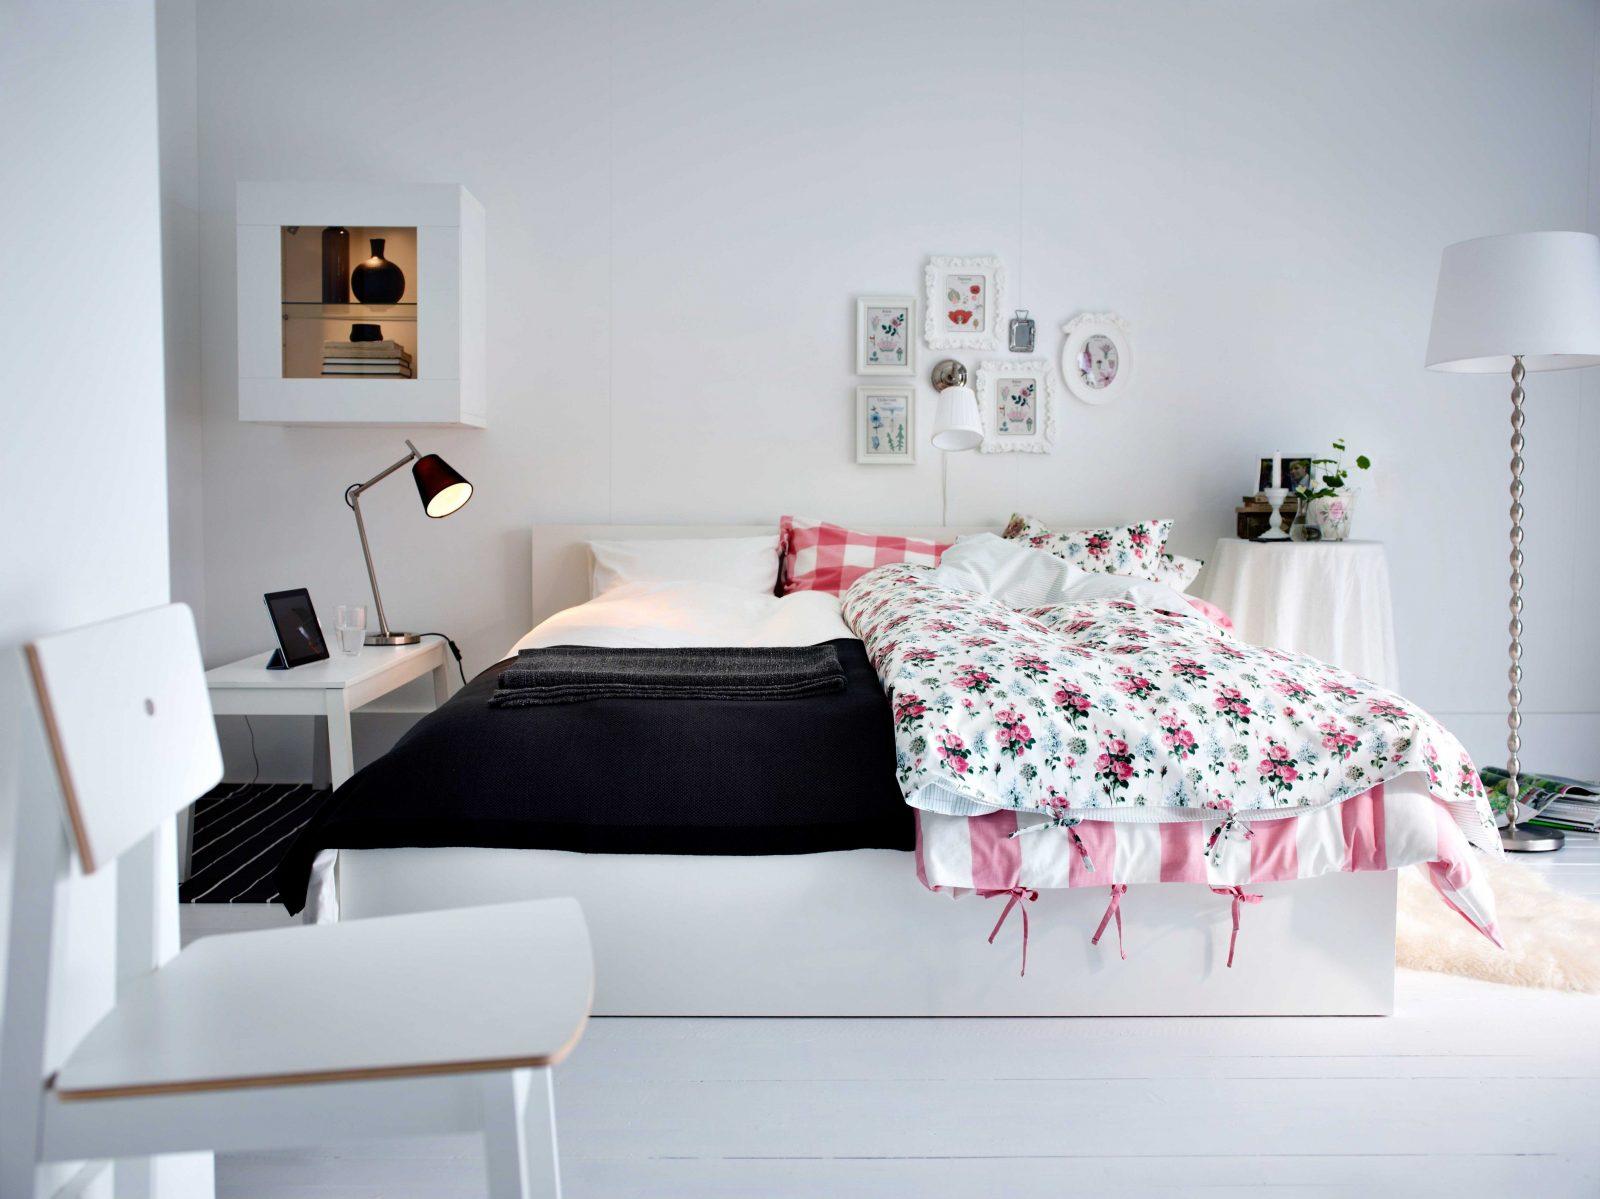 Möbel Aufregend Schlafzimmer Stuhl Entwurf Ideen Hd Wallpaper Bilder von Ablage Für Kleidung Im Schlafzimmer Bild